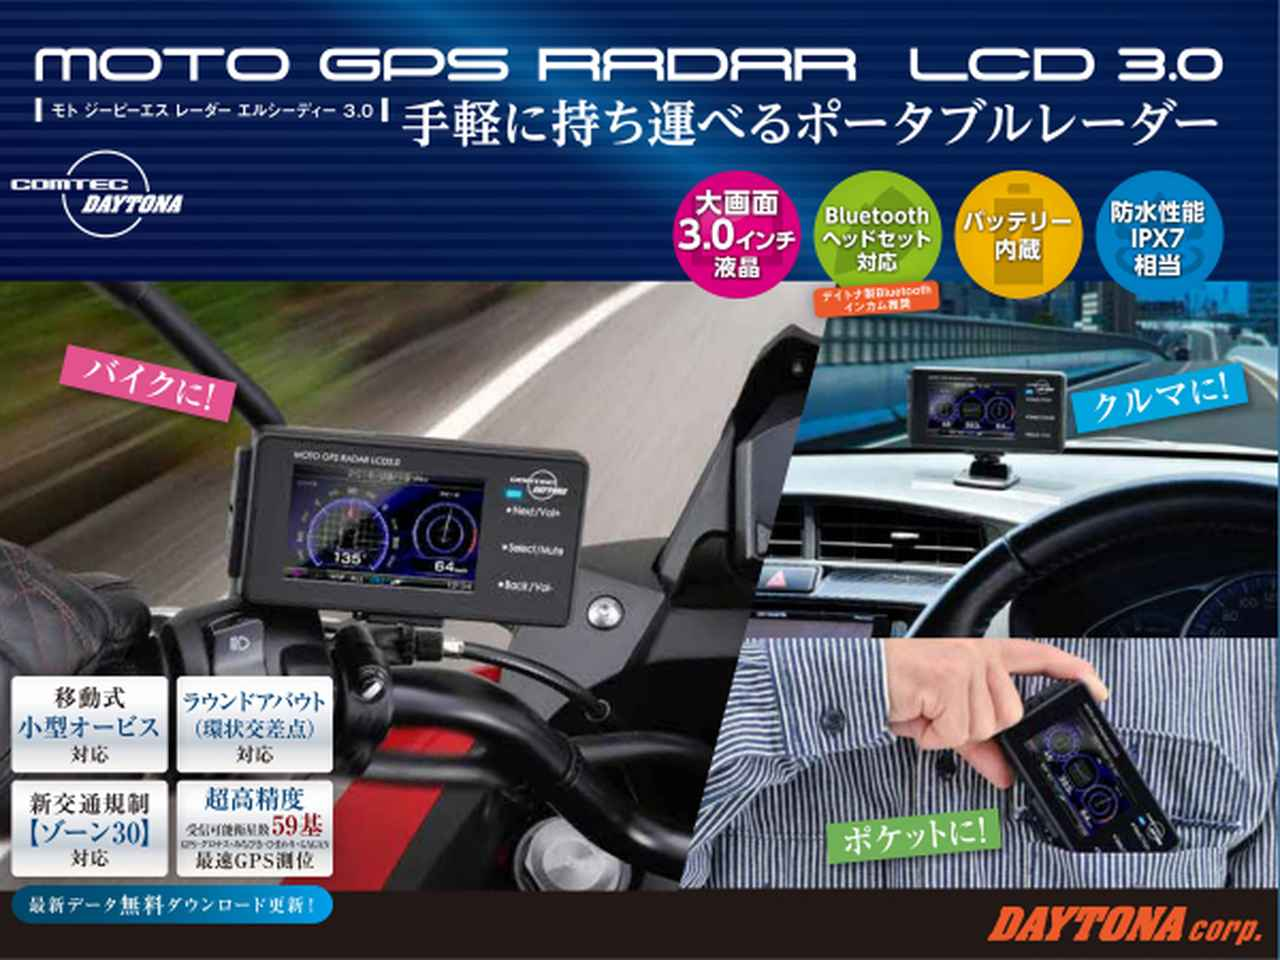 画像: プレゼント商品:MOTO GPS RADAR LCD 3.0